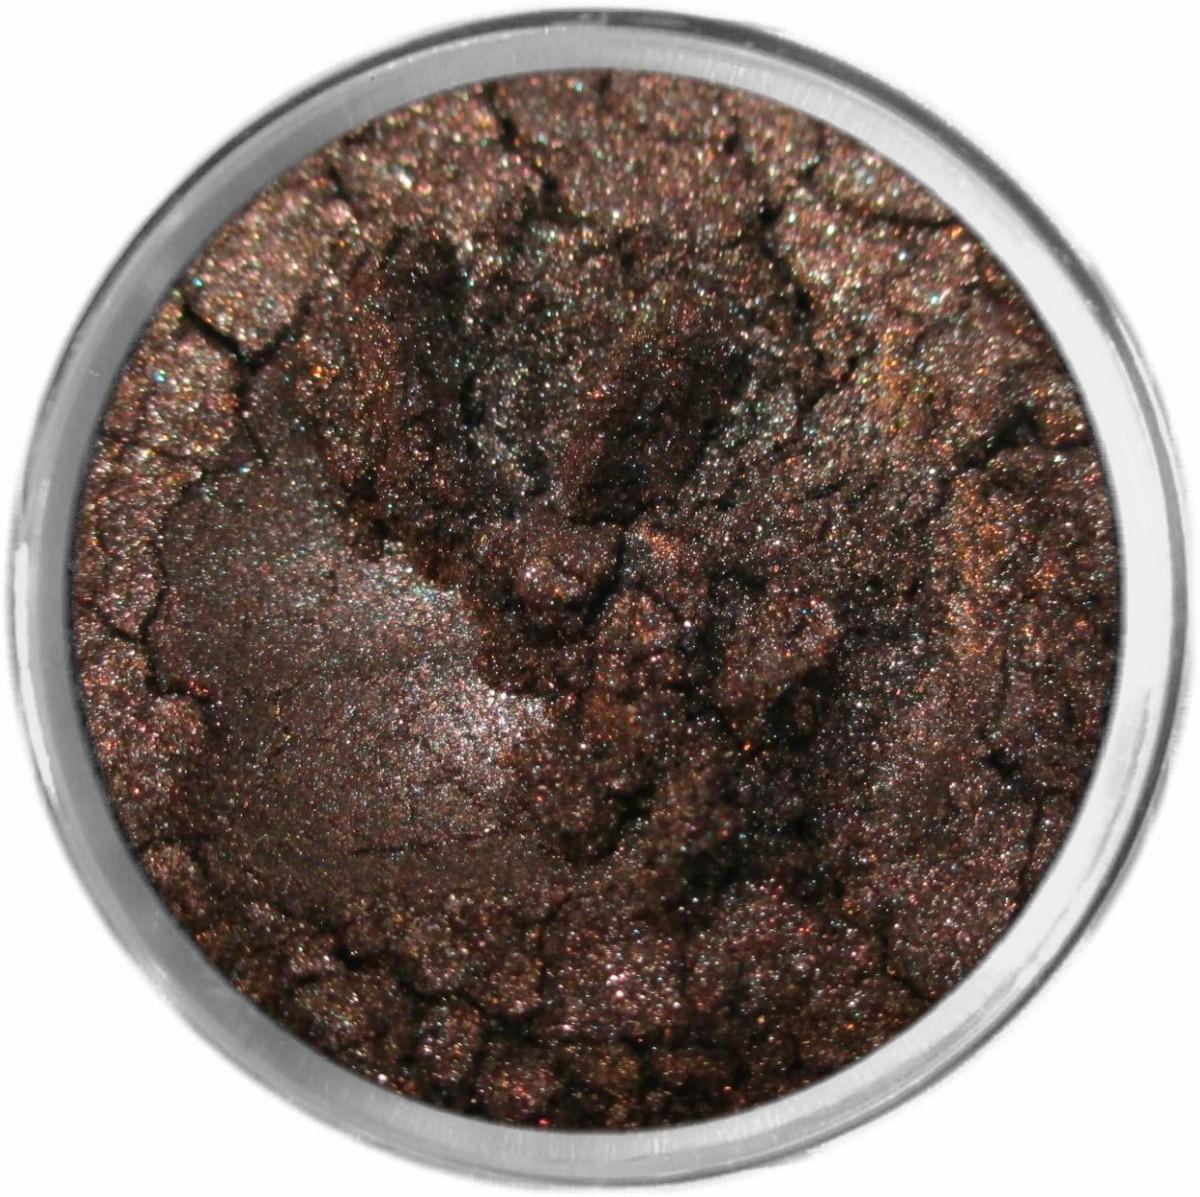 AMBROSIA loose powder mineral multi-use color makeup bare earth pigment minerals